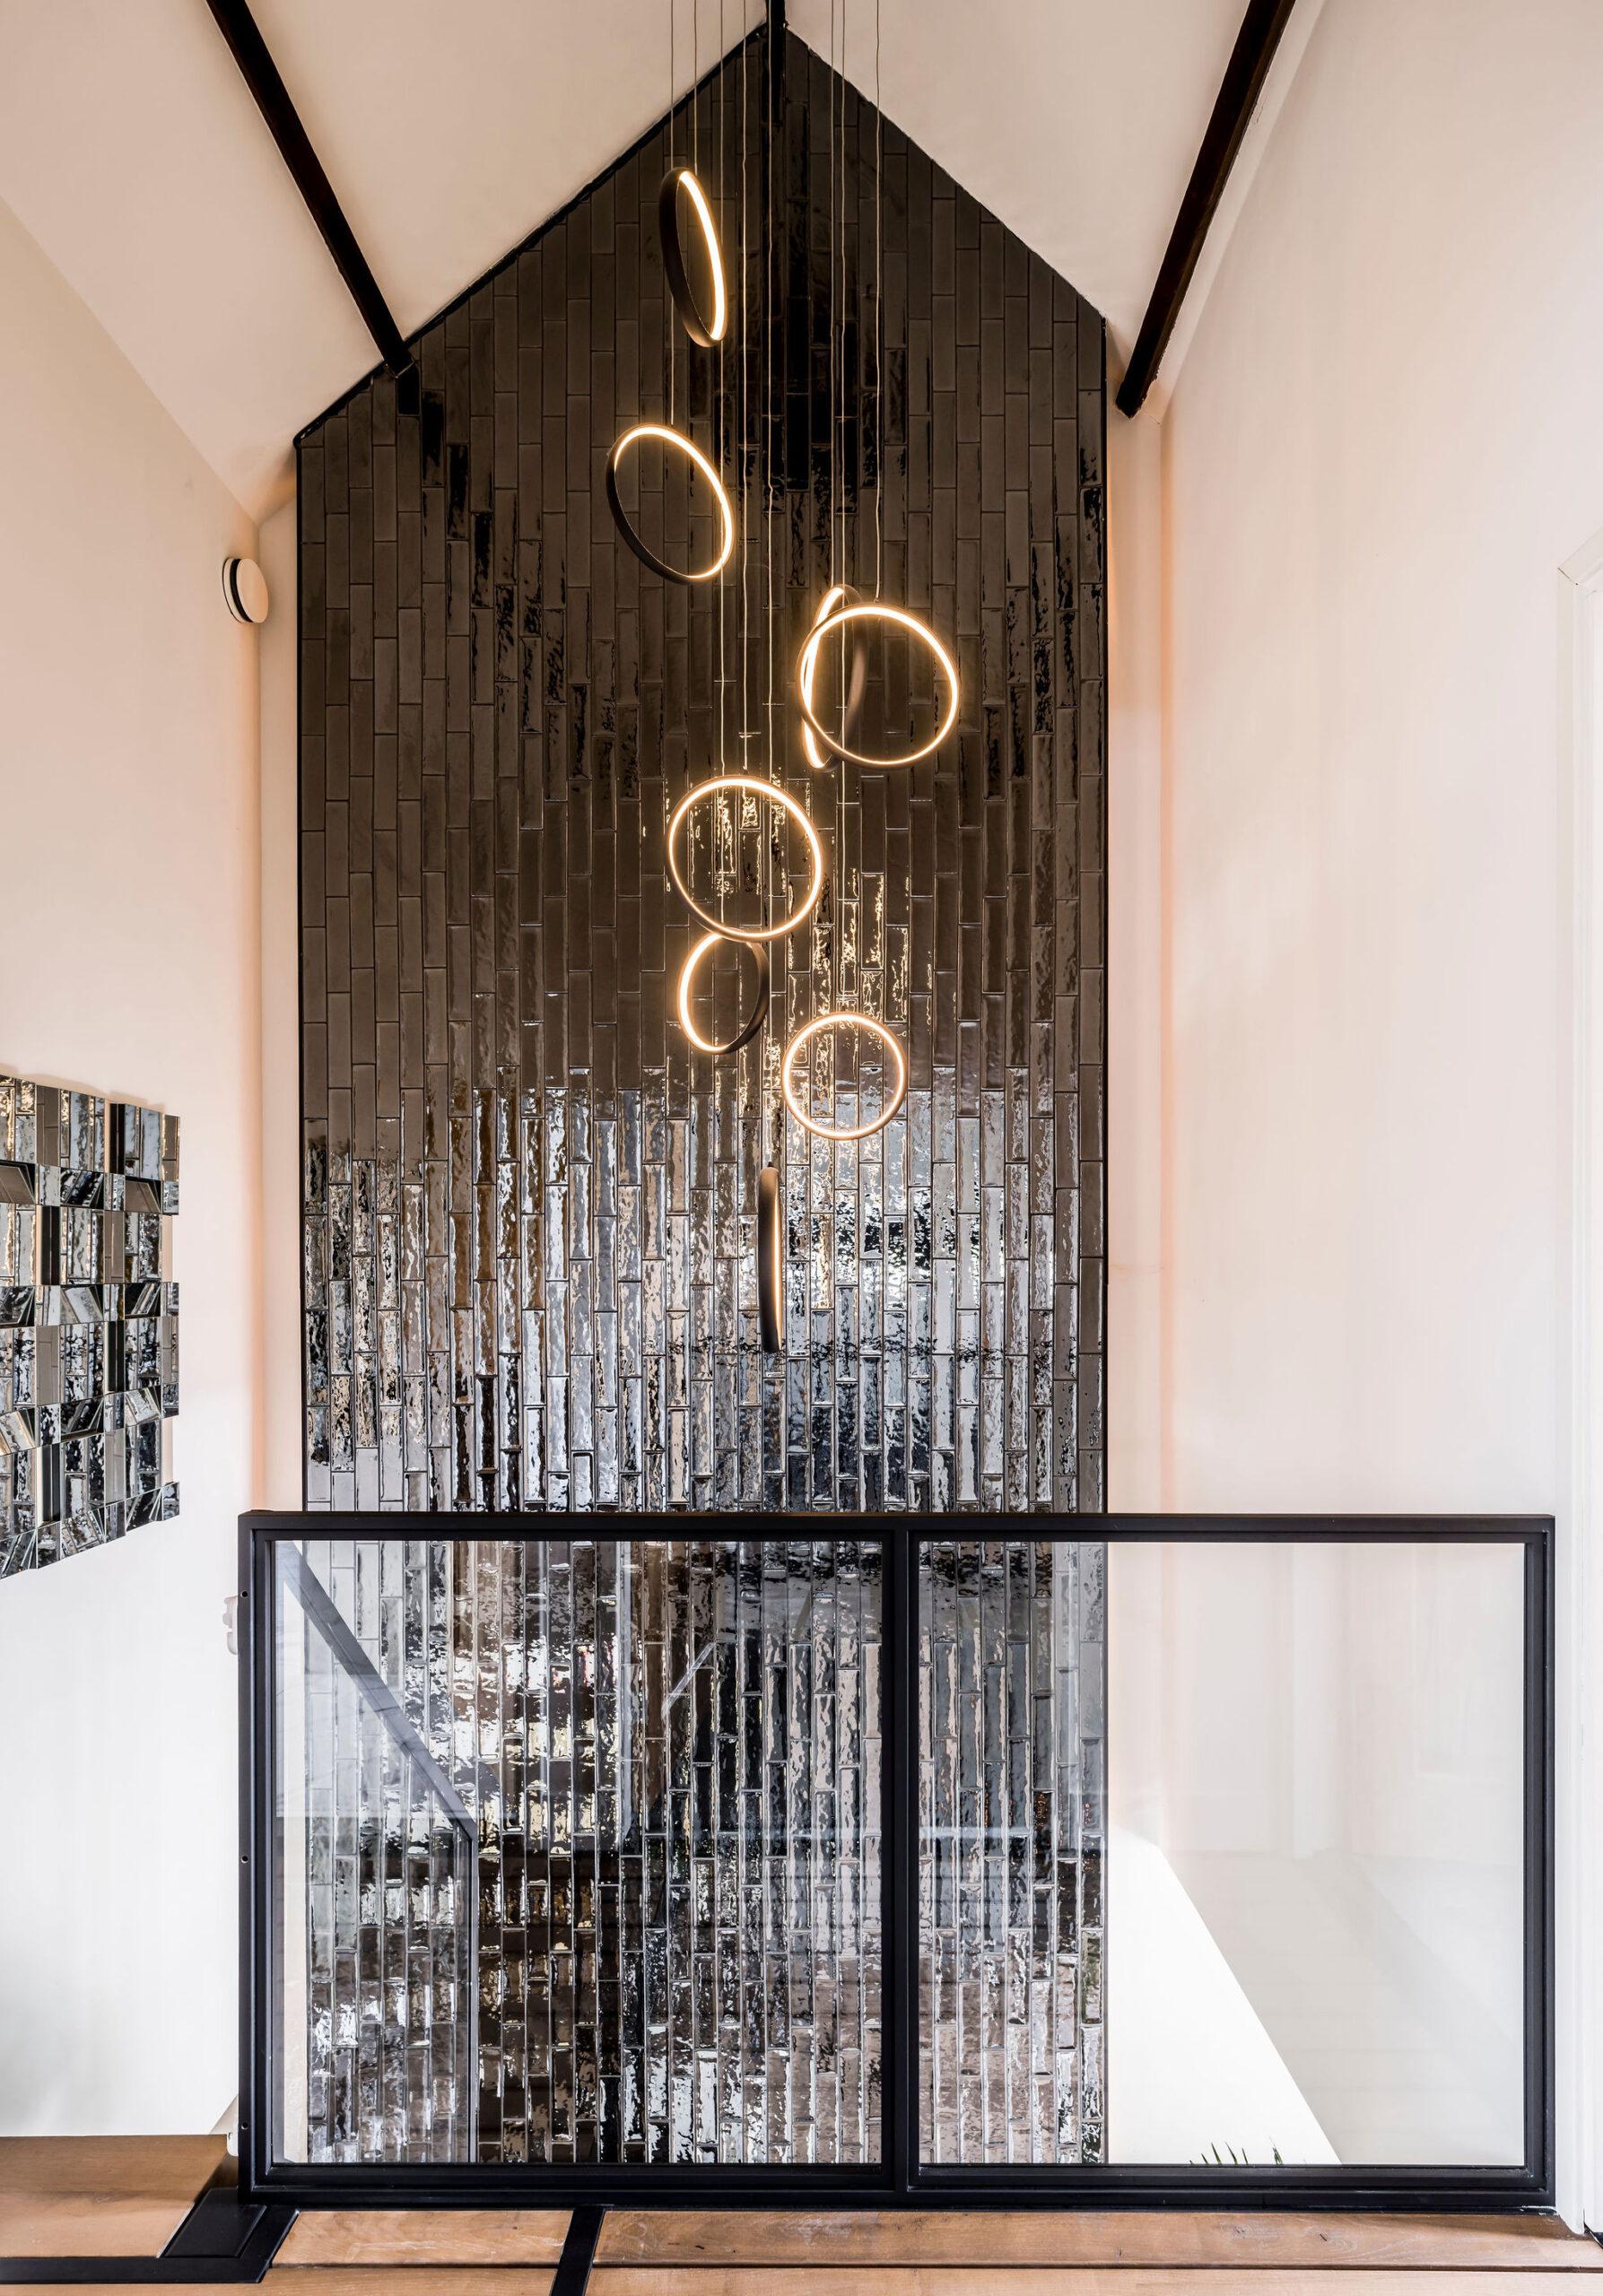 interieurarchitect Stan Wildenberg interieurontwerp interieur interiordesign luxurylifestyle luxuryinteriors luxuryhomes kroonluchter Peter Baas Photography